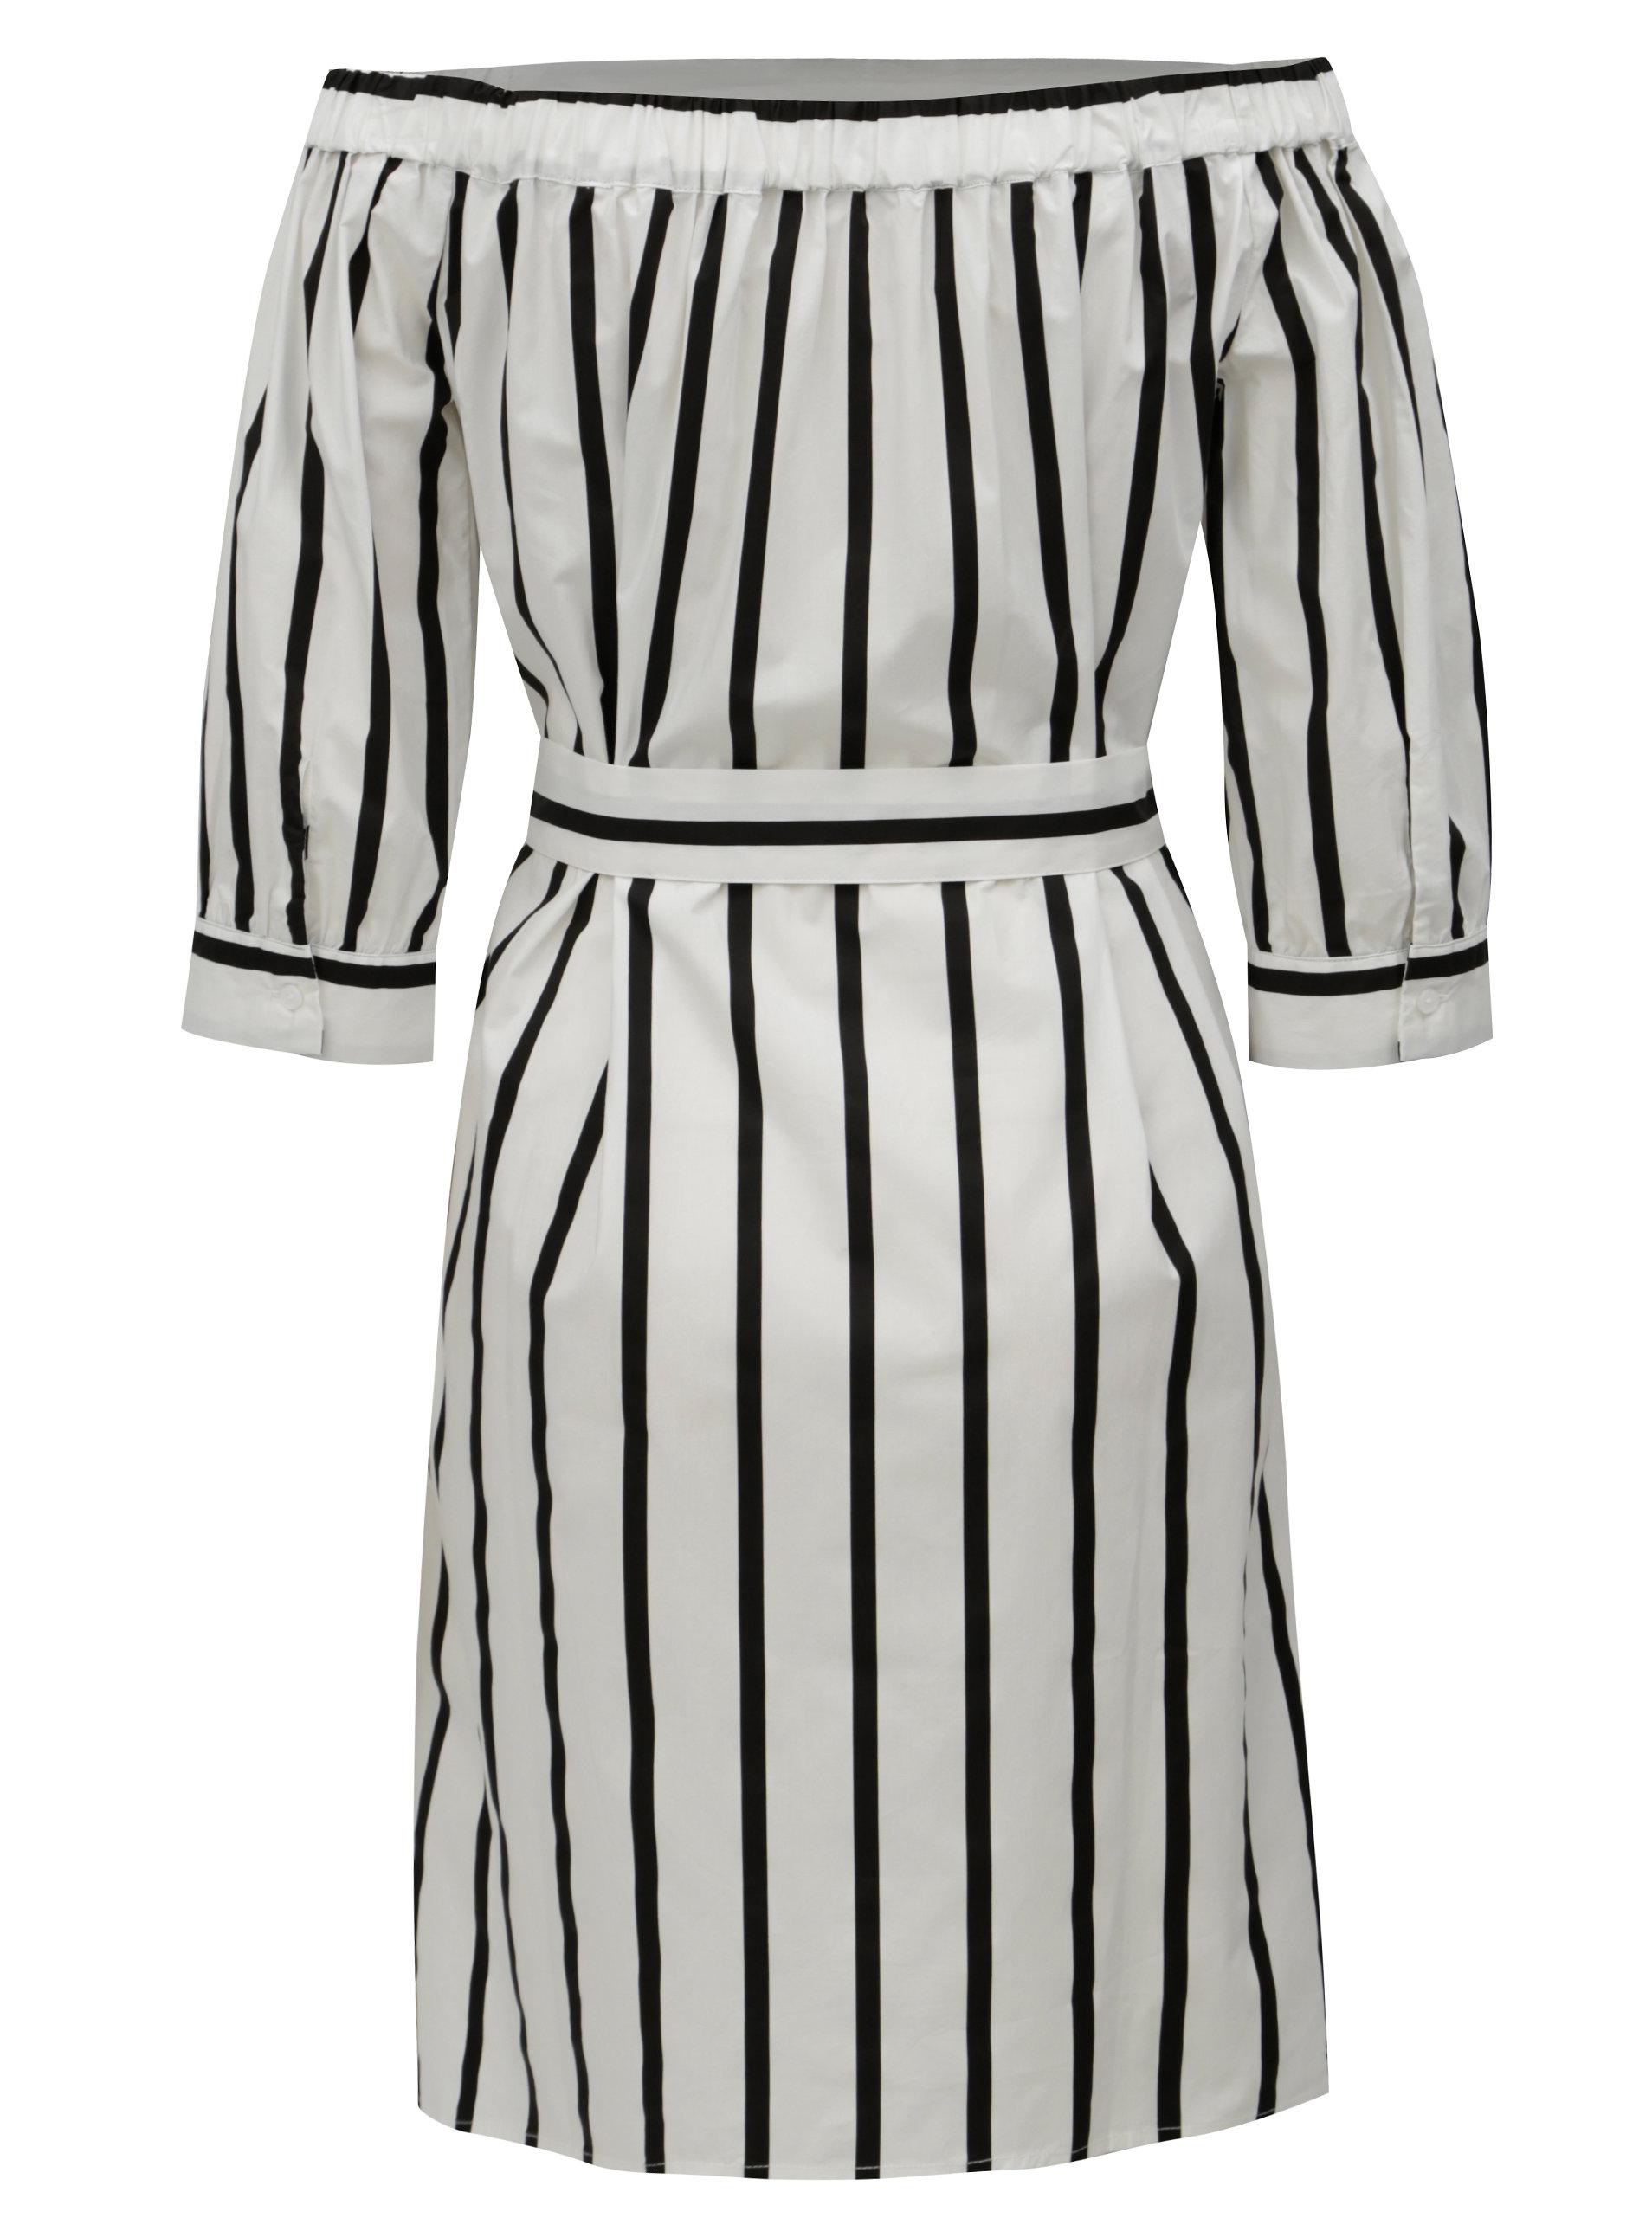 ... Bílé pruhované šaty s odhalenými rameny Selected Femme Nadine ... 62ac90d333